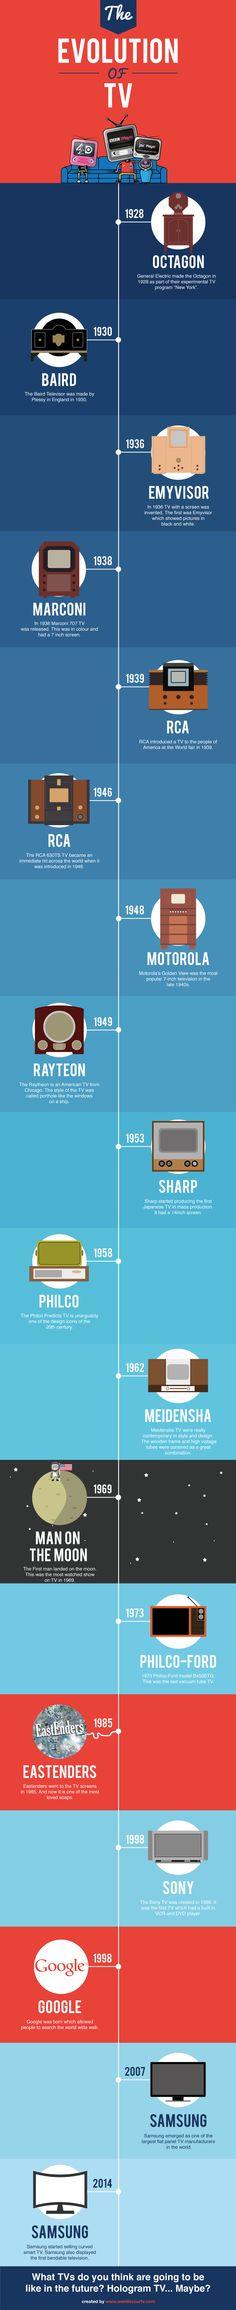 The Evolution of #TV - Do you fancy an infographic?  There are a lot of them online, but if you want your own please visit http://www.linfografico.com/prezzi/  Online girano molte infografiche, se ne vuoi realizzare una tutta tua visita http://www.linfografico.com/prezzi/